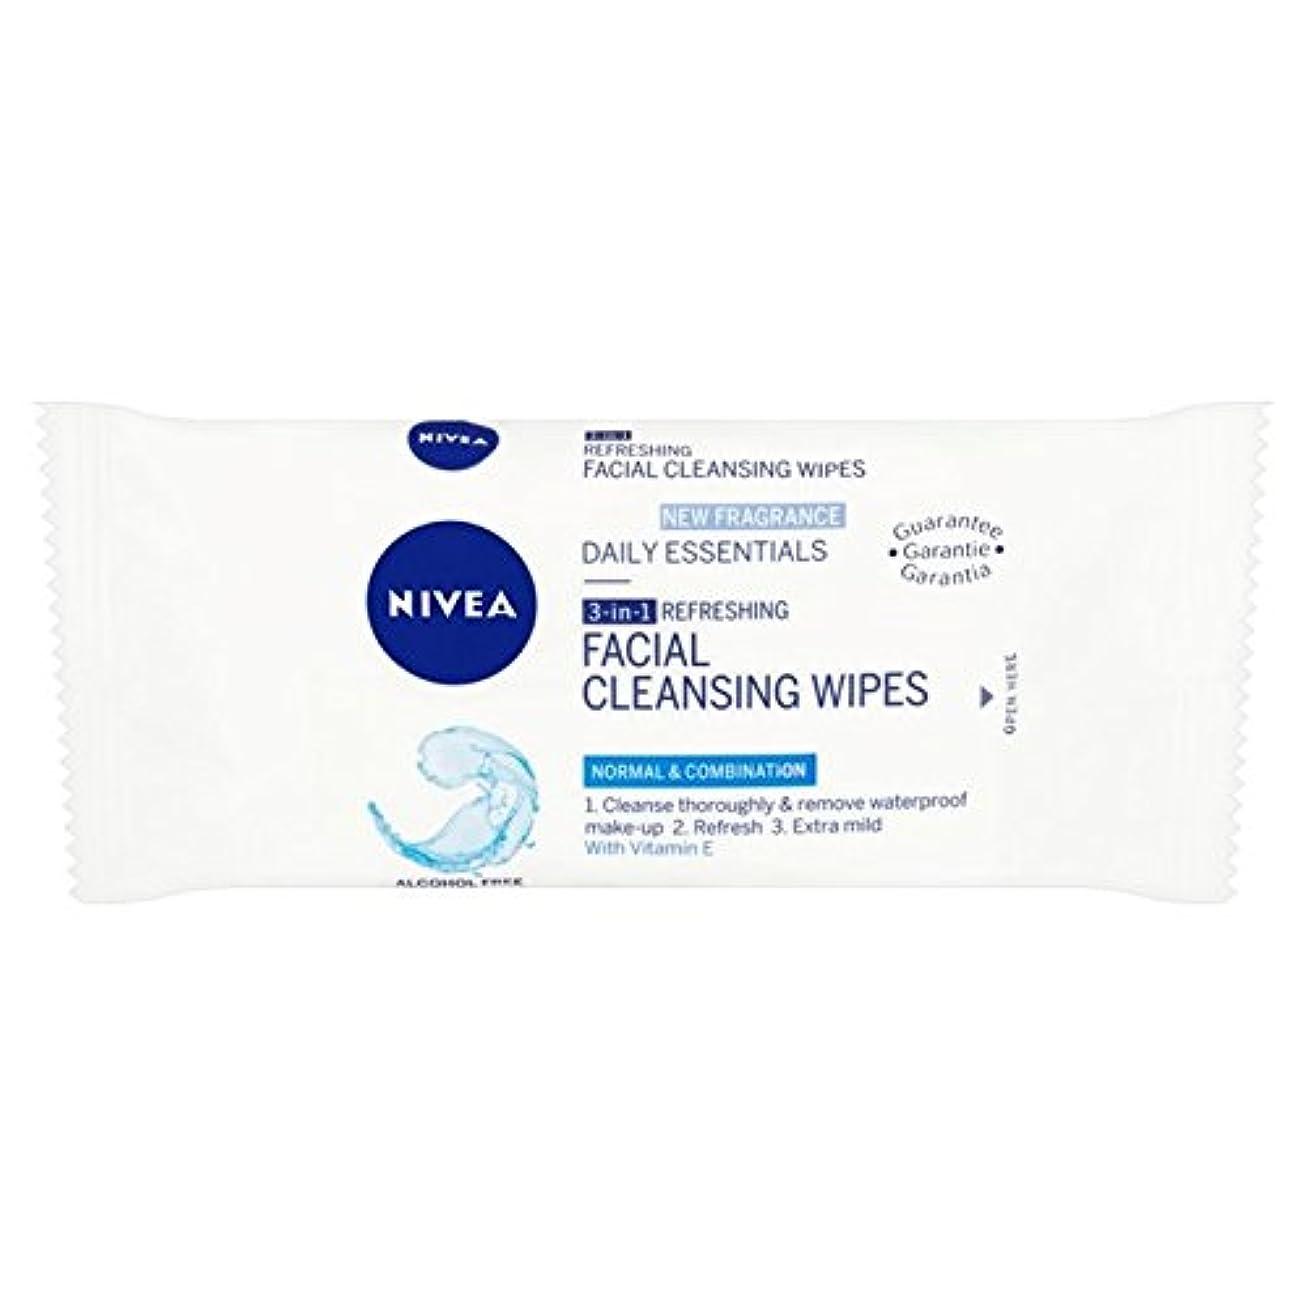 教会王位ストロークNivea Mini Facial Cleansing Wipes Travel Pack 7 per pack (Pack of 6) - ニベアミニ洗顔パックあたりの旅行パック7ワイプ x6 [並行輸入品]